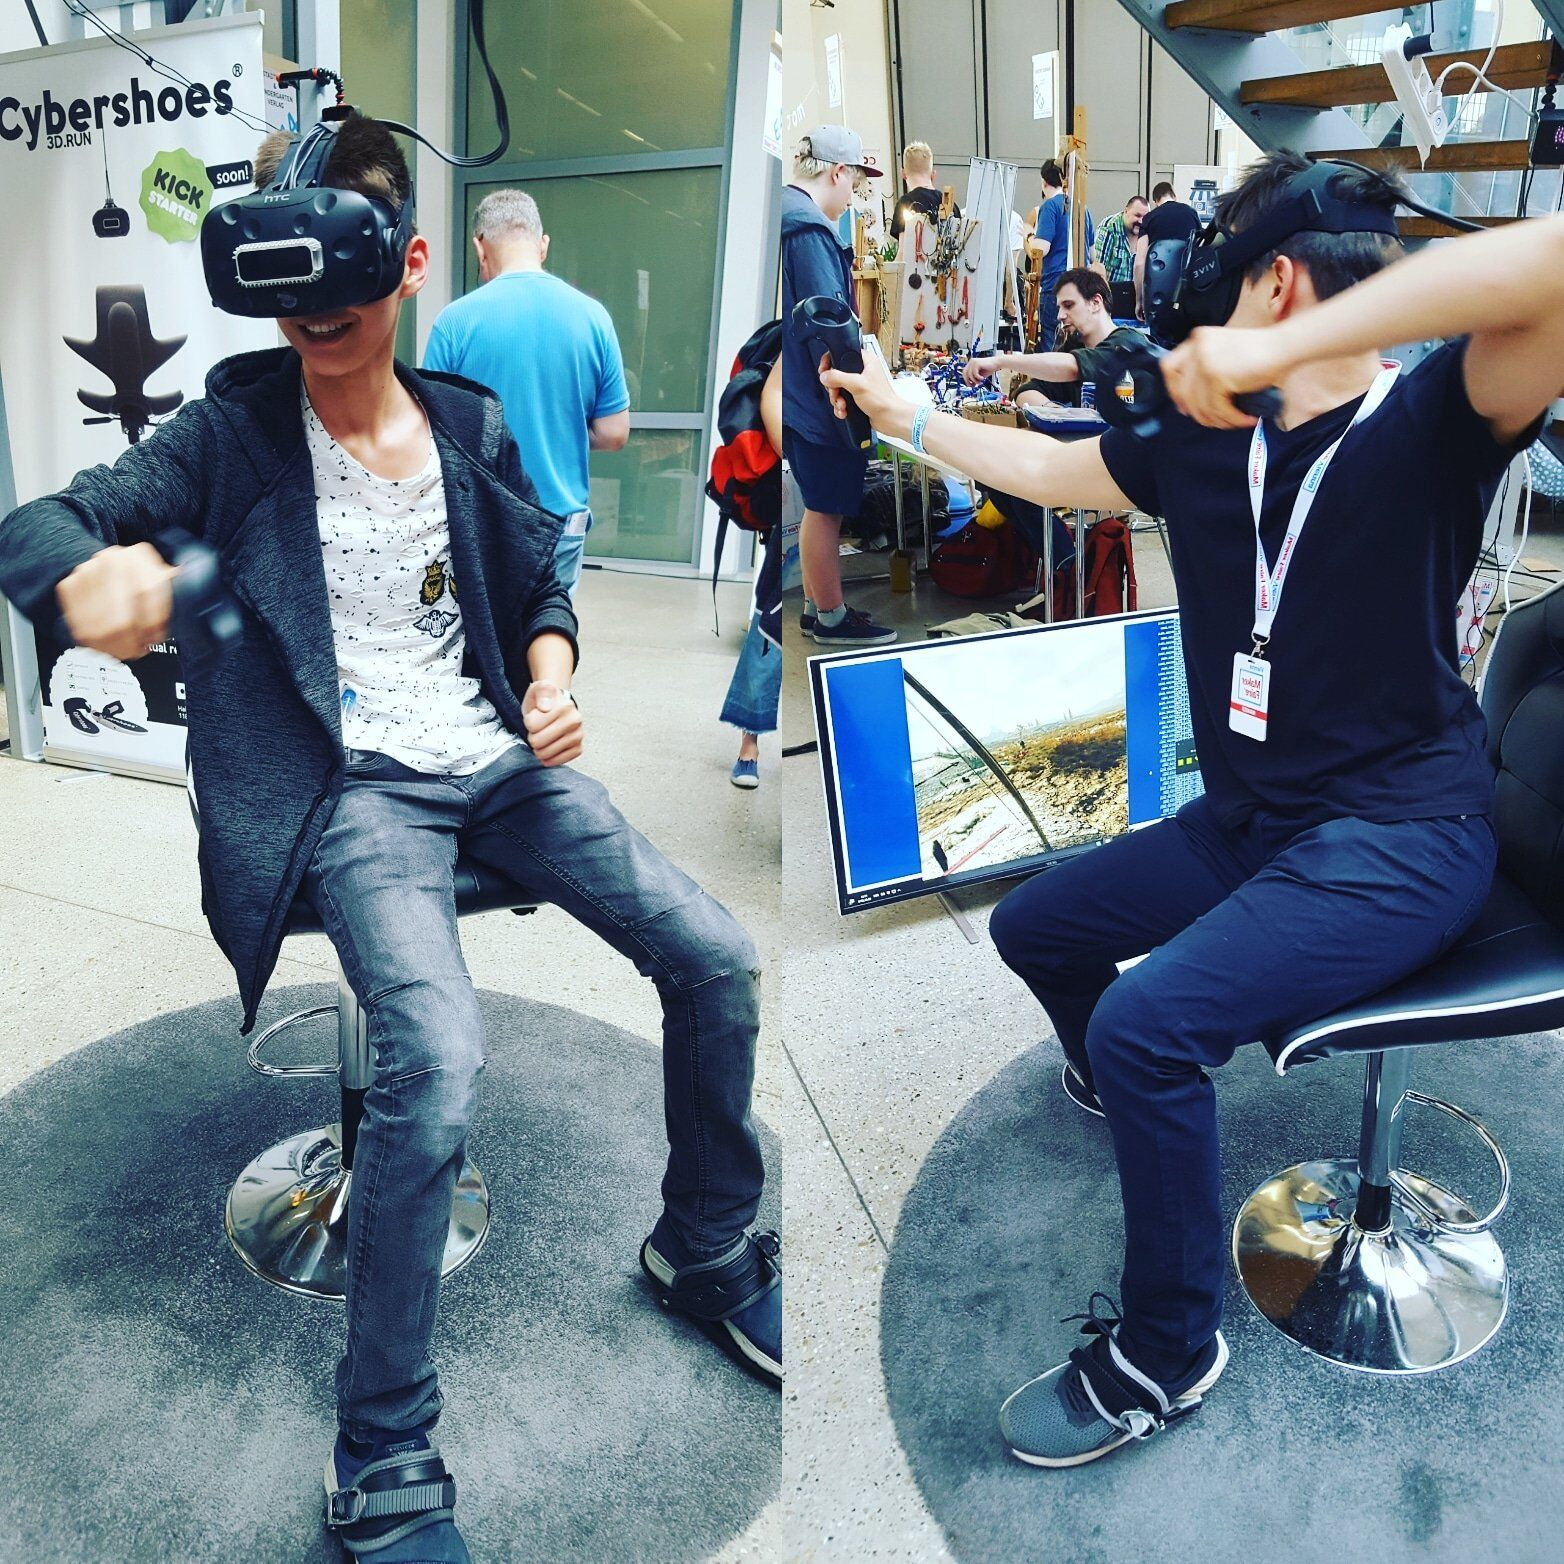 Созданы кибер-тапочки для бега в виртуальной реальности - 10